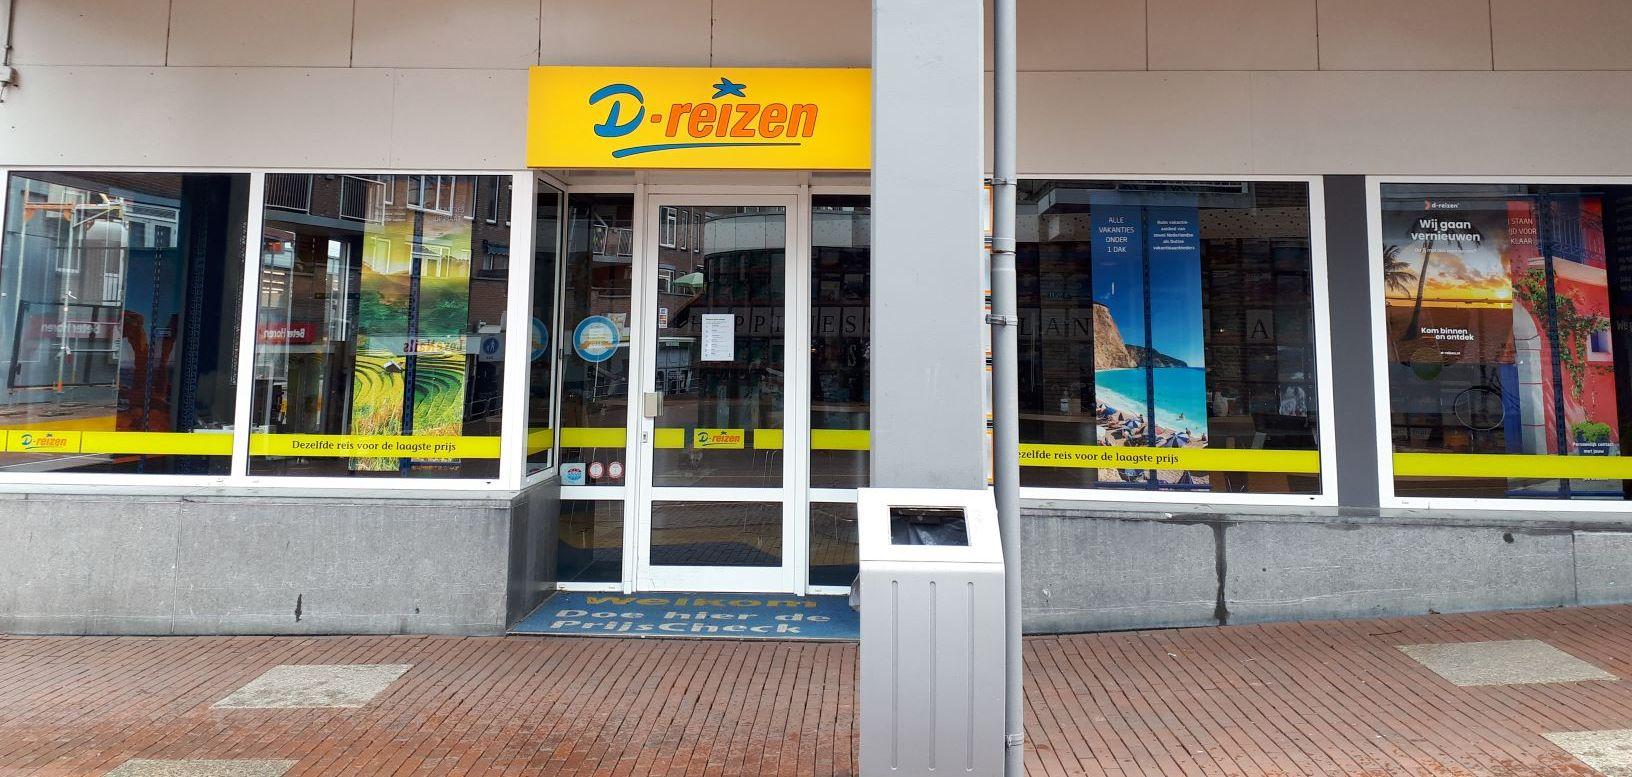 D-reizen Zoetermeer